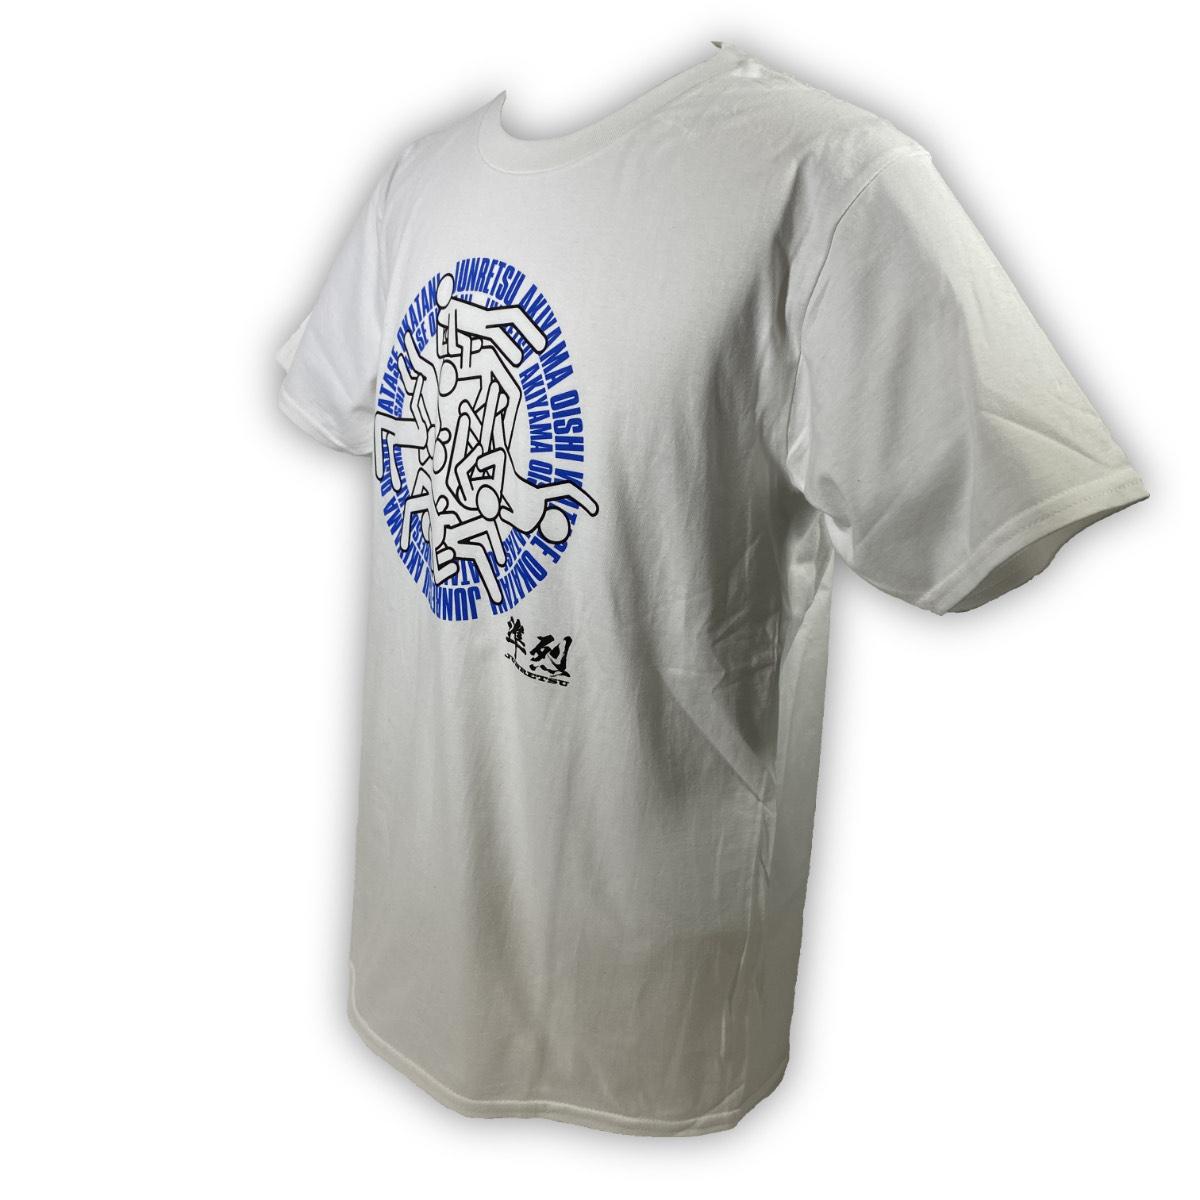 [今月のお買い得品] DDT 準烈 Tシャツ